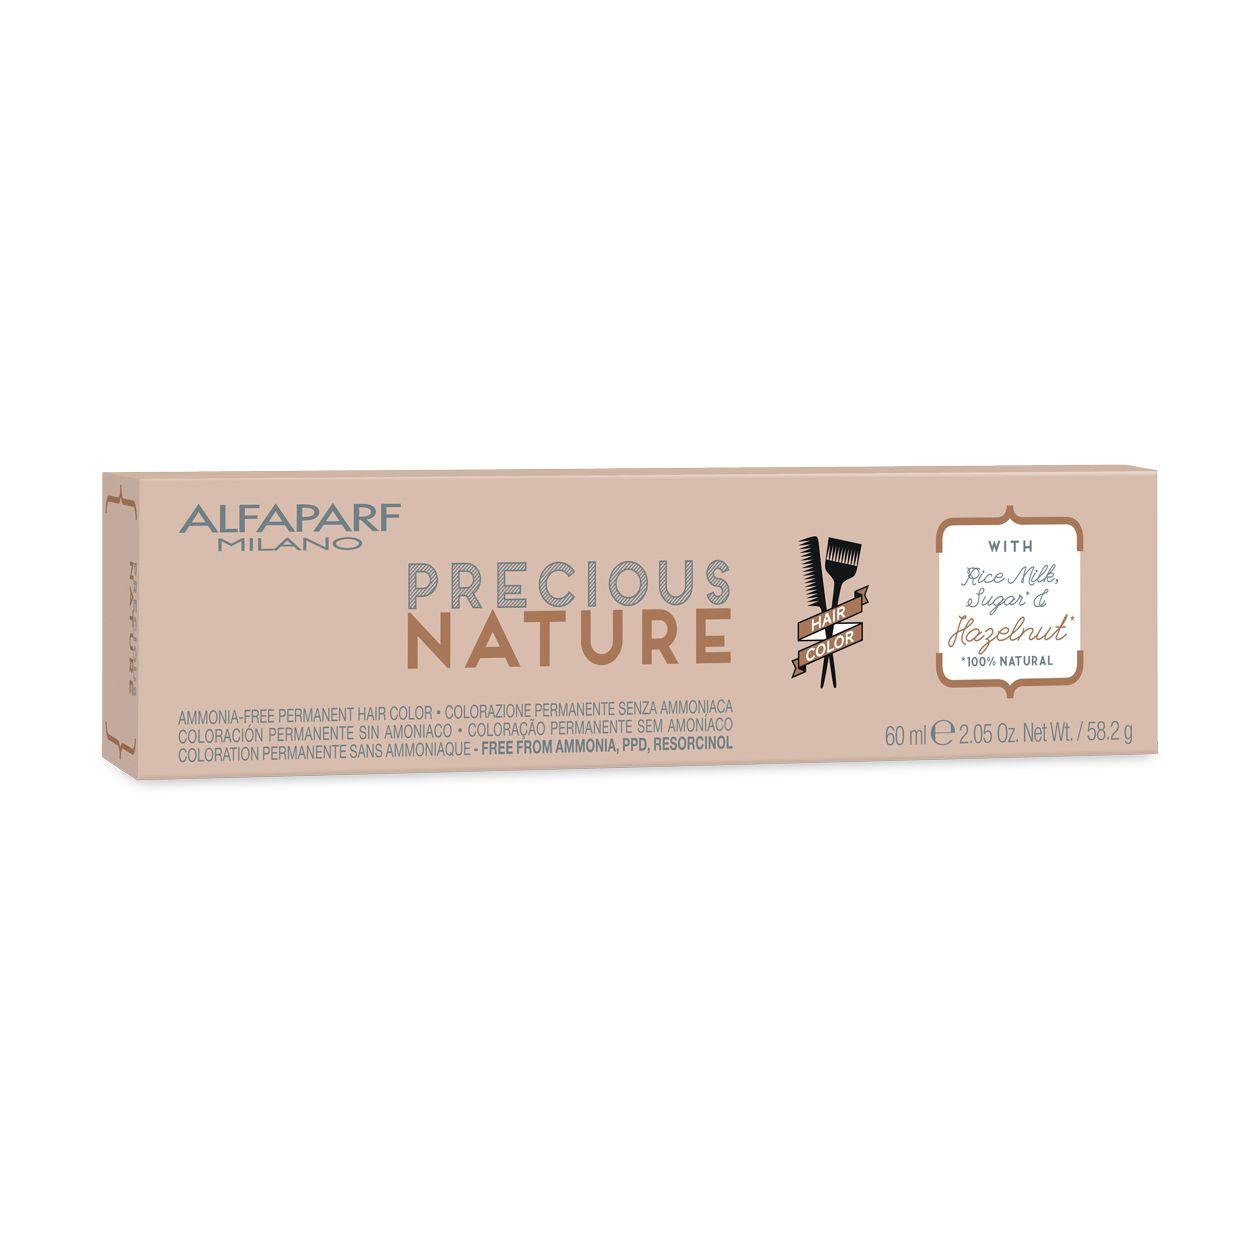 Alfaparf Milano Precious Nature Hair Color Creme de Coloração 8.01 Louro Claro Nacré 60ml